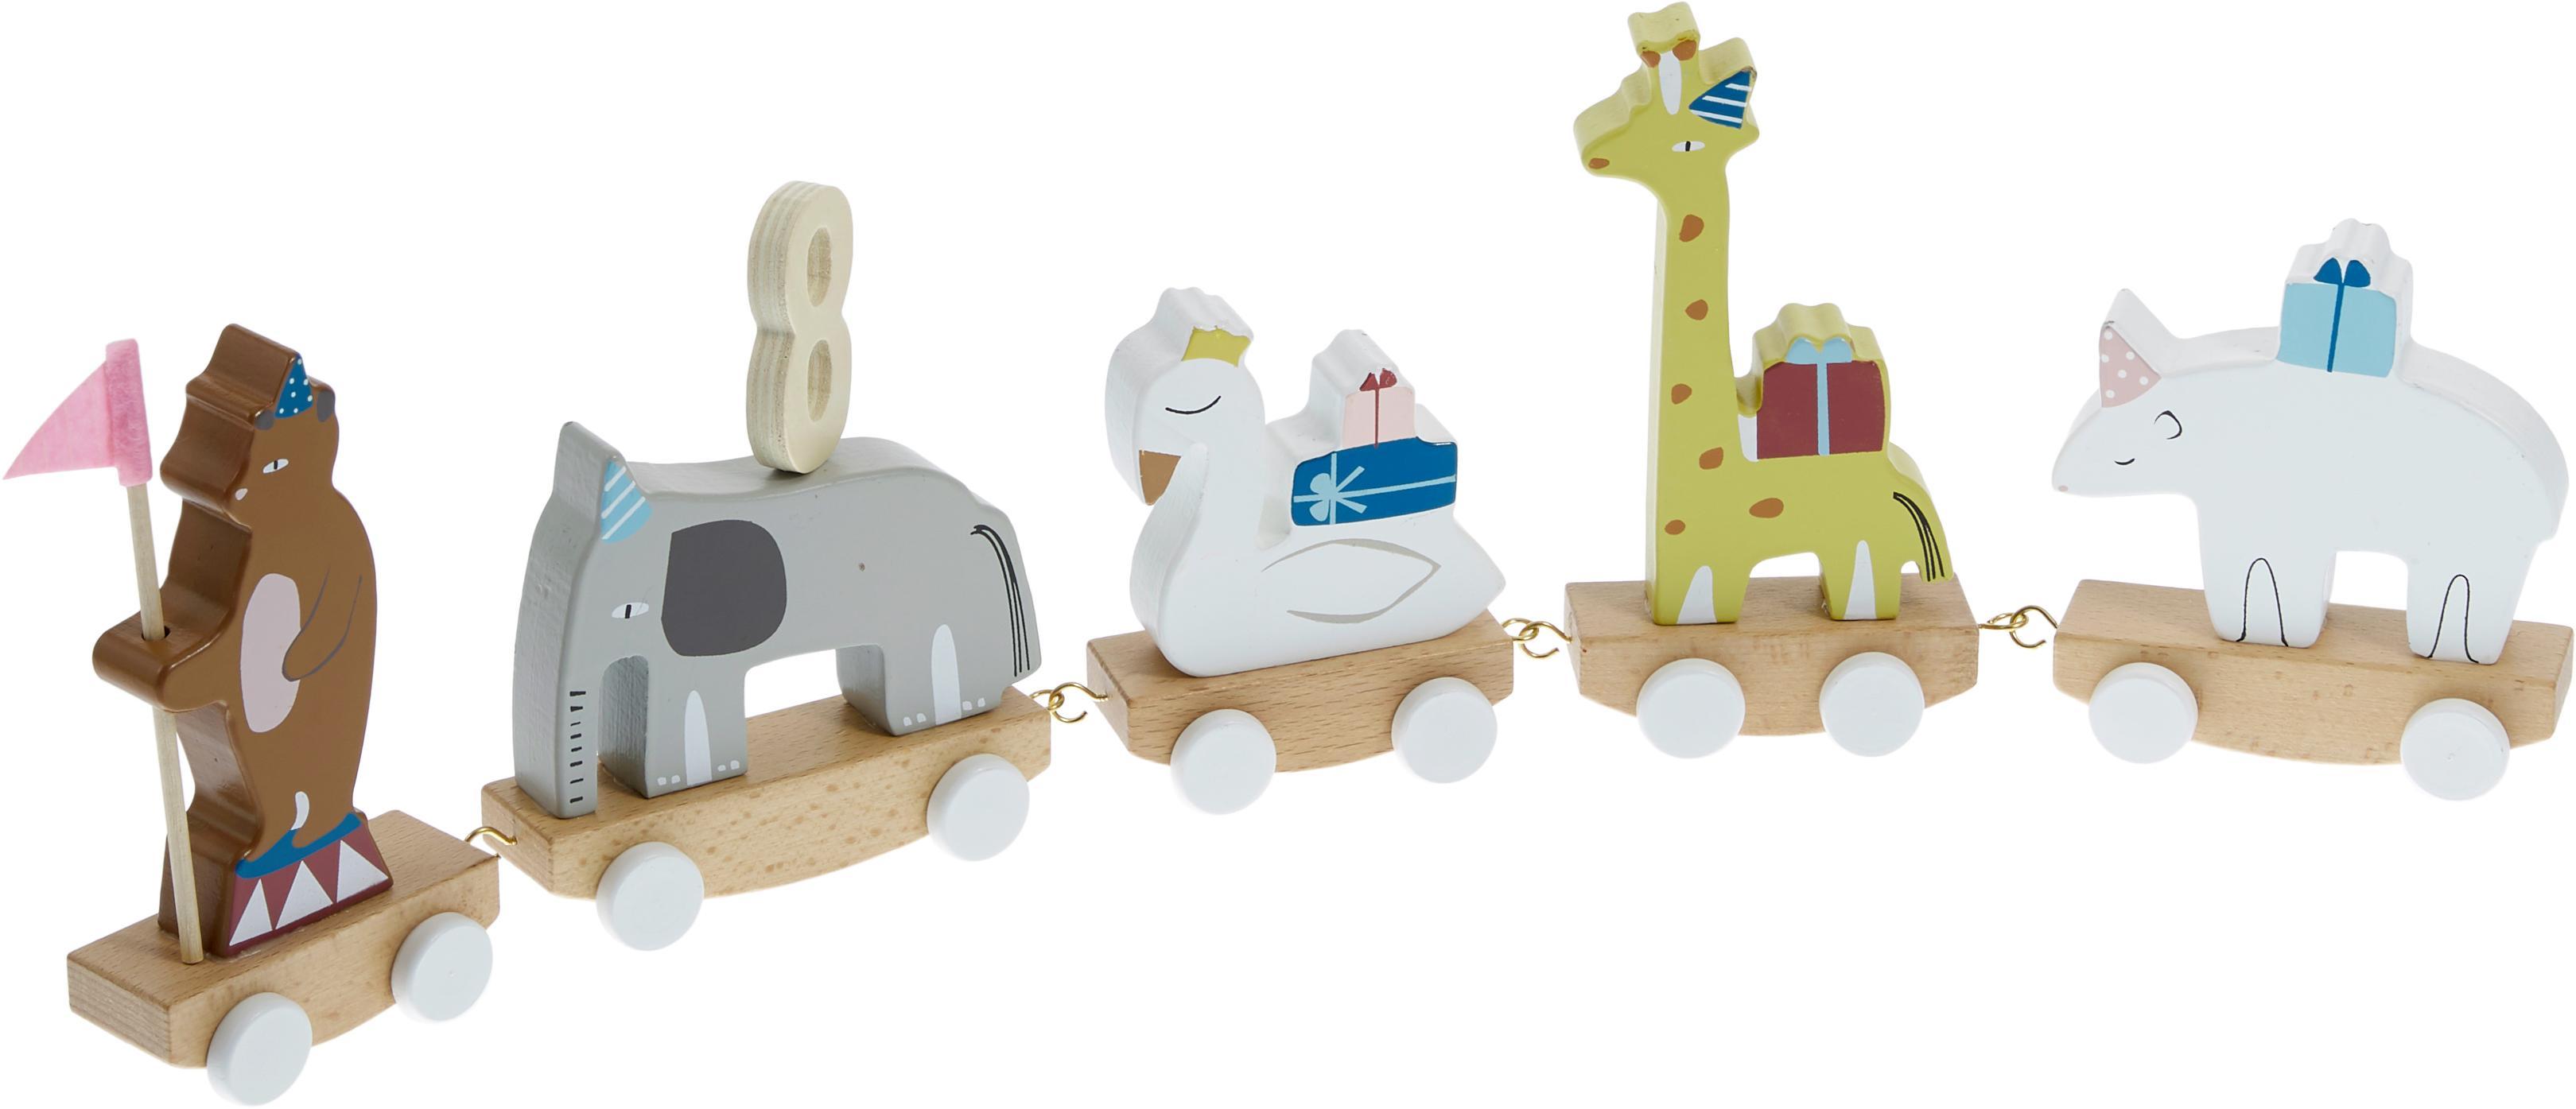 Juguete de cumpleaños Happy Animals, Madera de haya, tablero de fibras de densidad media (MDF), madera de loto contrachapada, metal, fieltro, Multicolor, An 50 x Al 16 cm